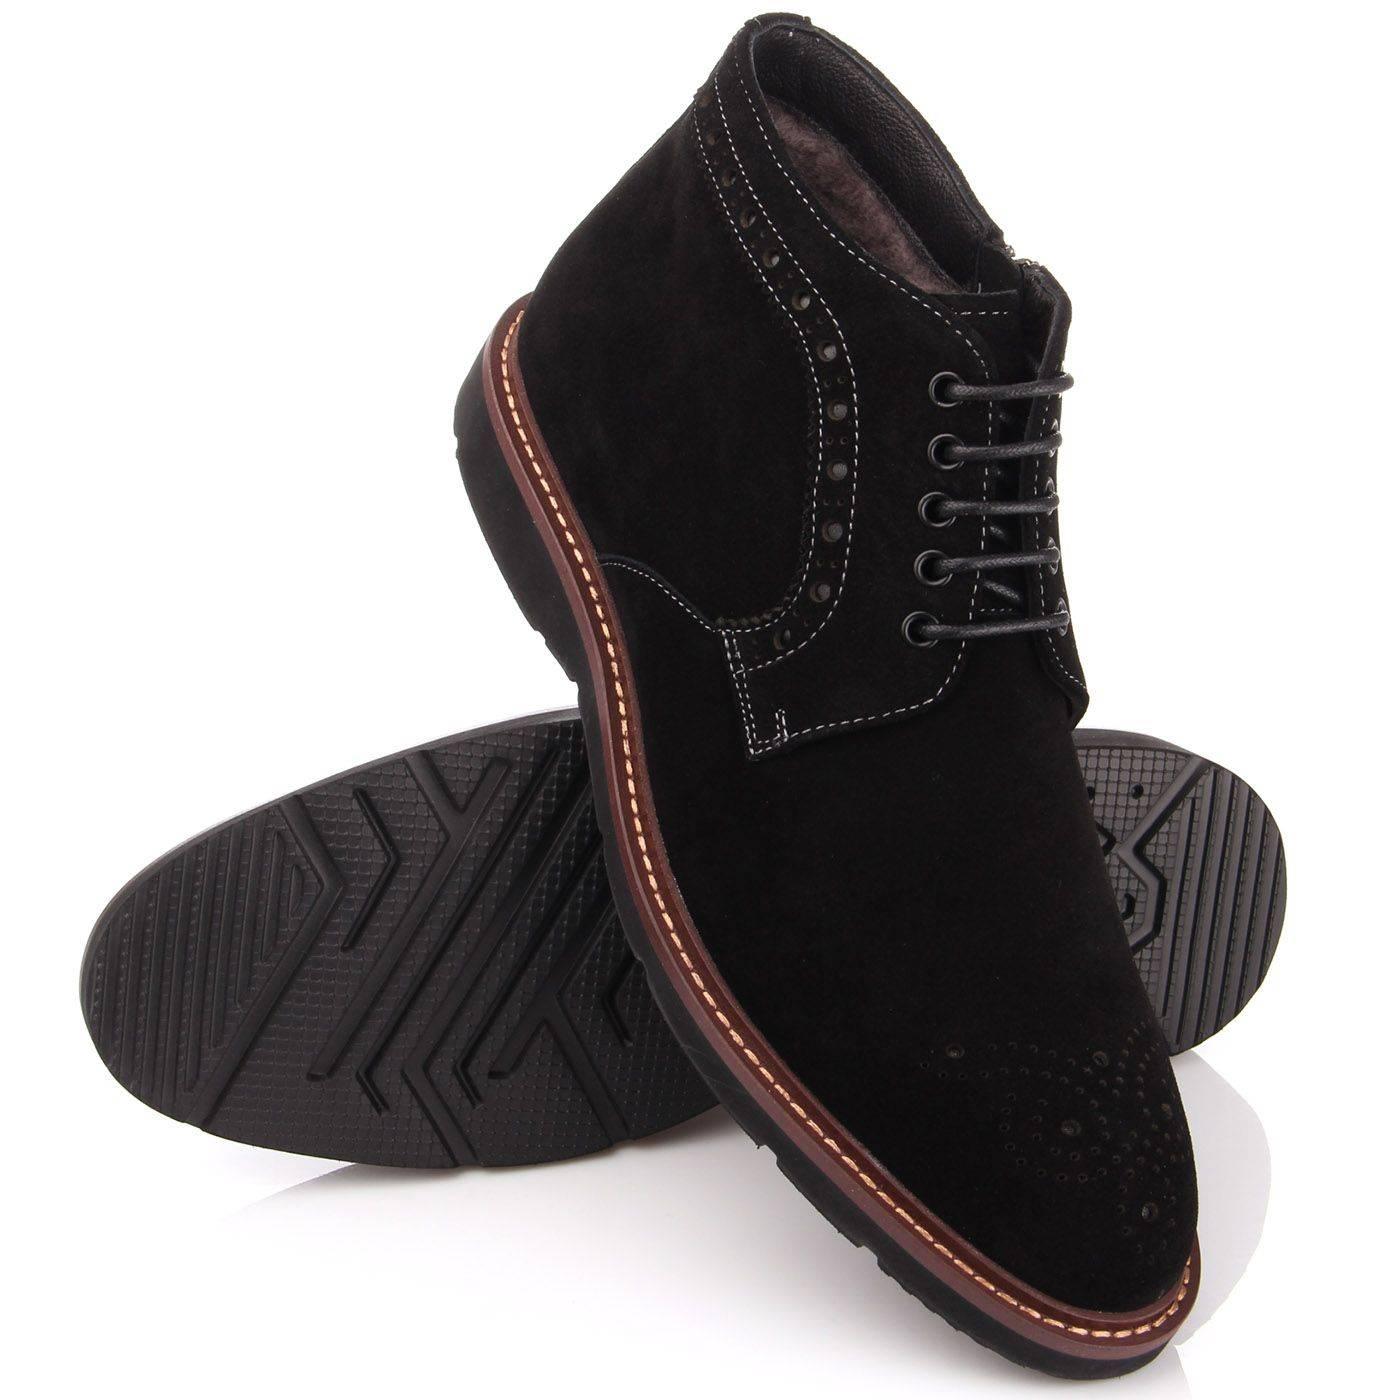 Черевики чоловічі Basconi 4586 Чорний купить по выгодной цене в ... 51c226cd6e32b